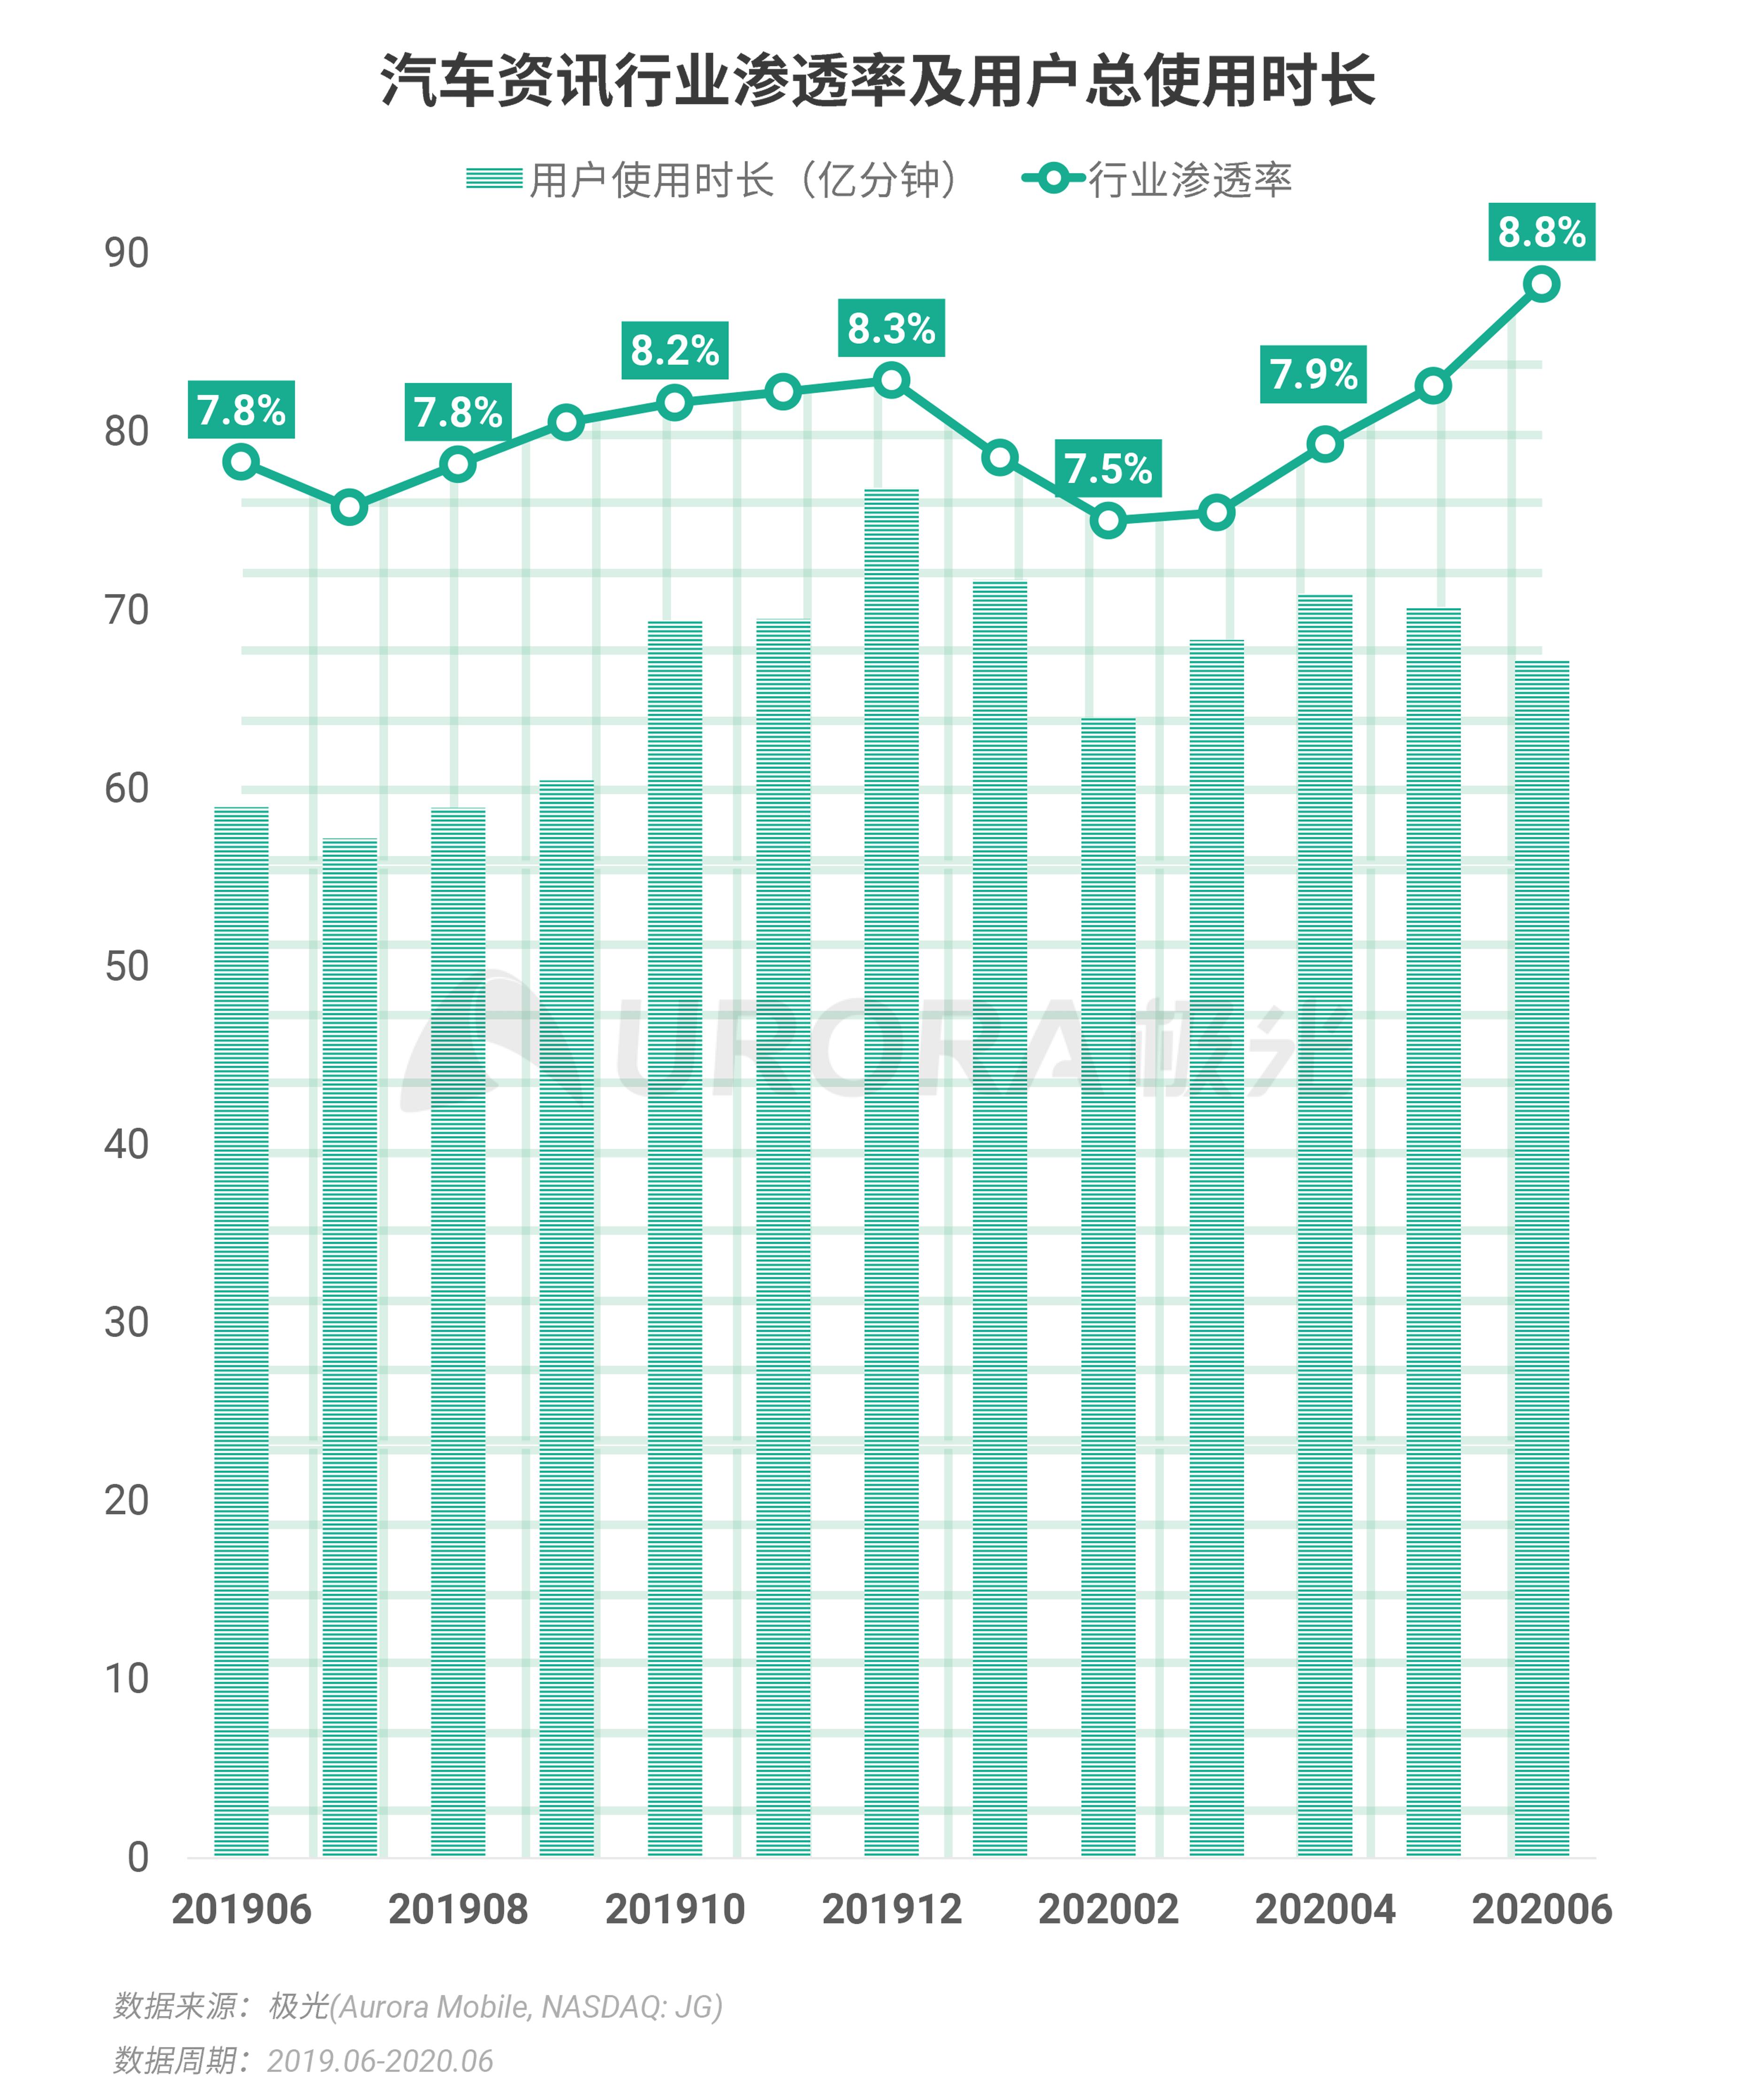 极光:2020Q2互联网行业数据研究报告 (29).png